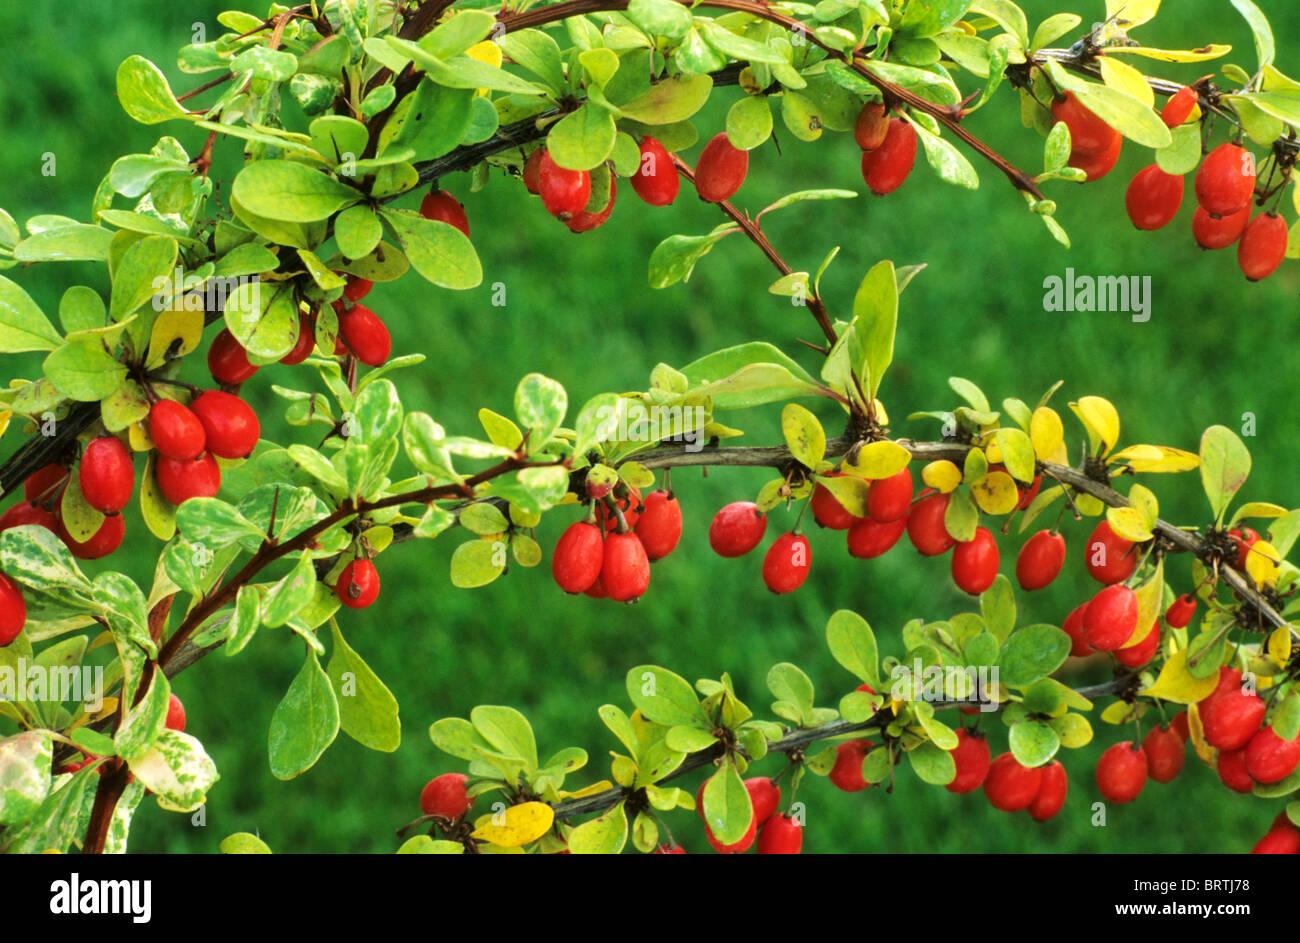 Berberis Thunbergii 'Baum' Berberitze rote Beere Beeren Frucht Früchte Garten Pflanze Pflanzen Berberitzen Stockbild